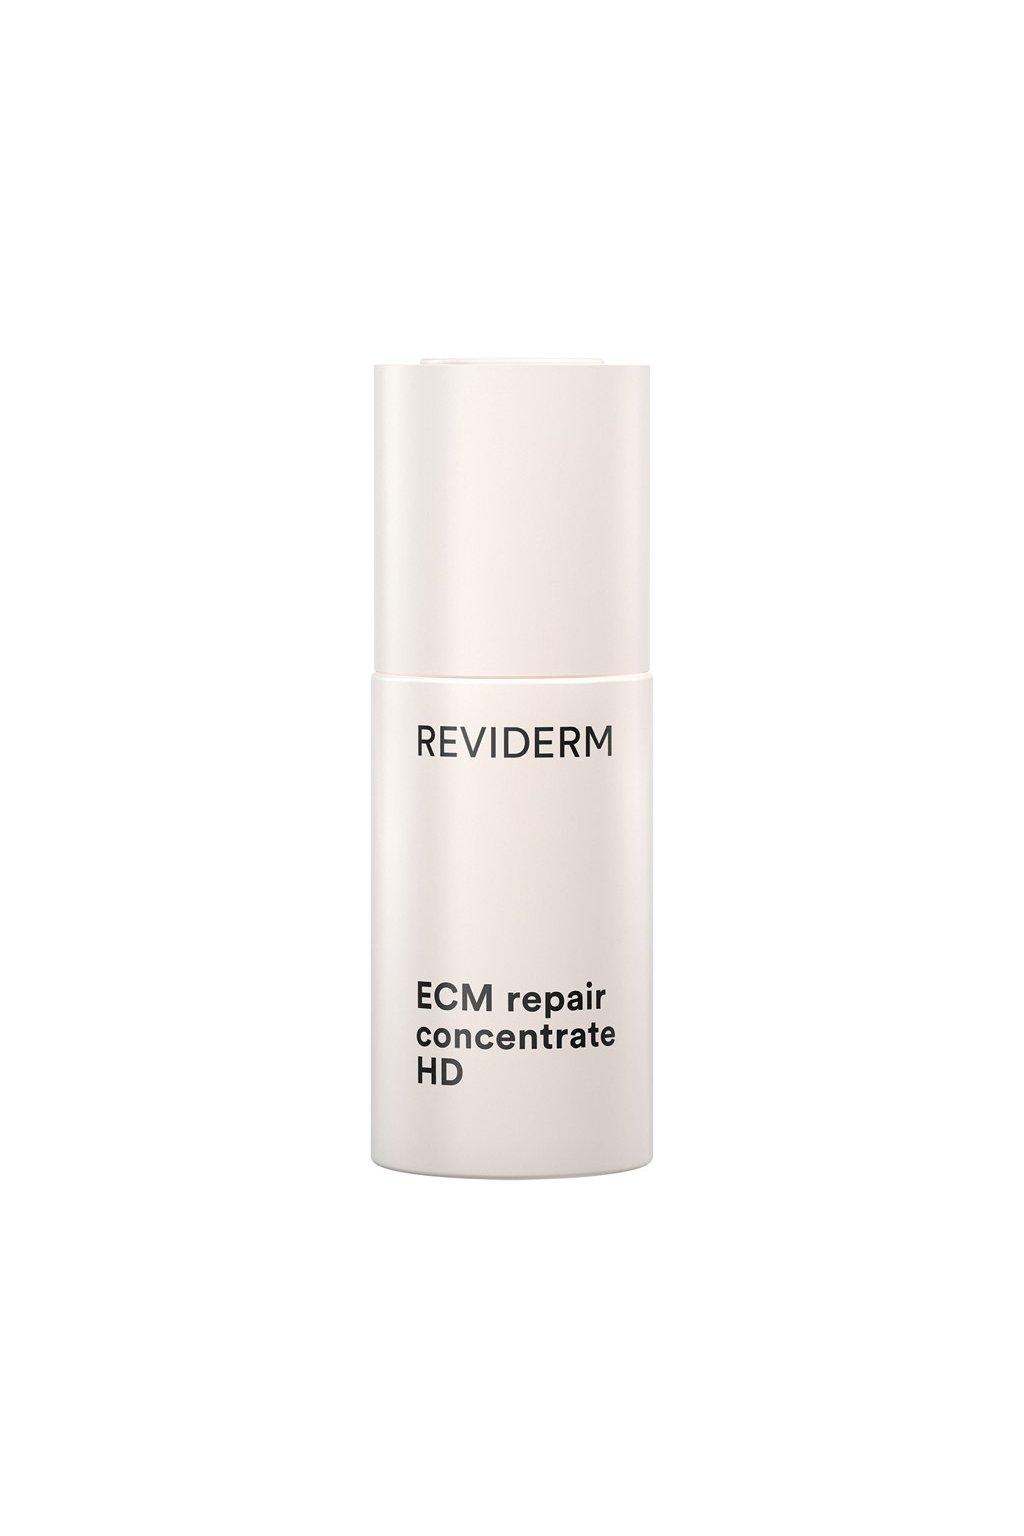 ECM repair concentrate HD | 30 ml